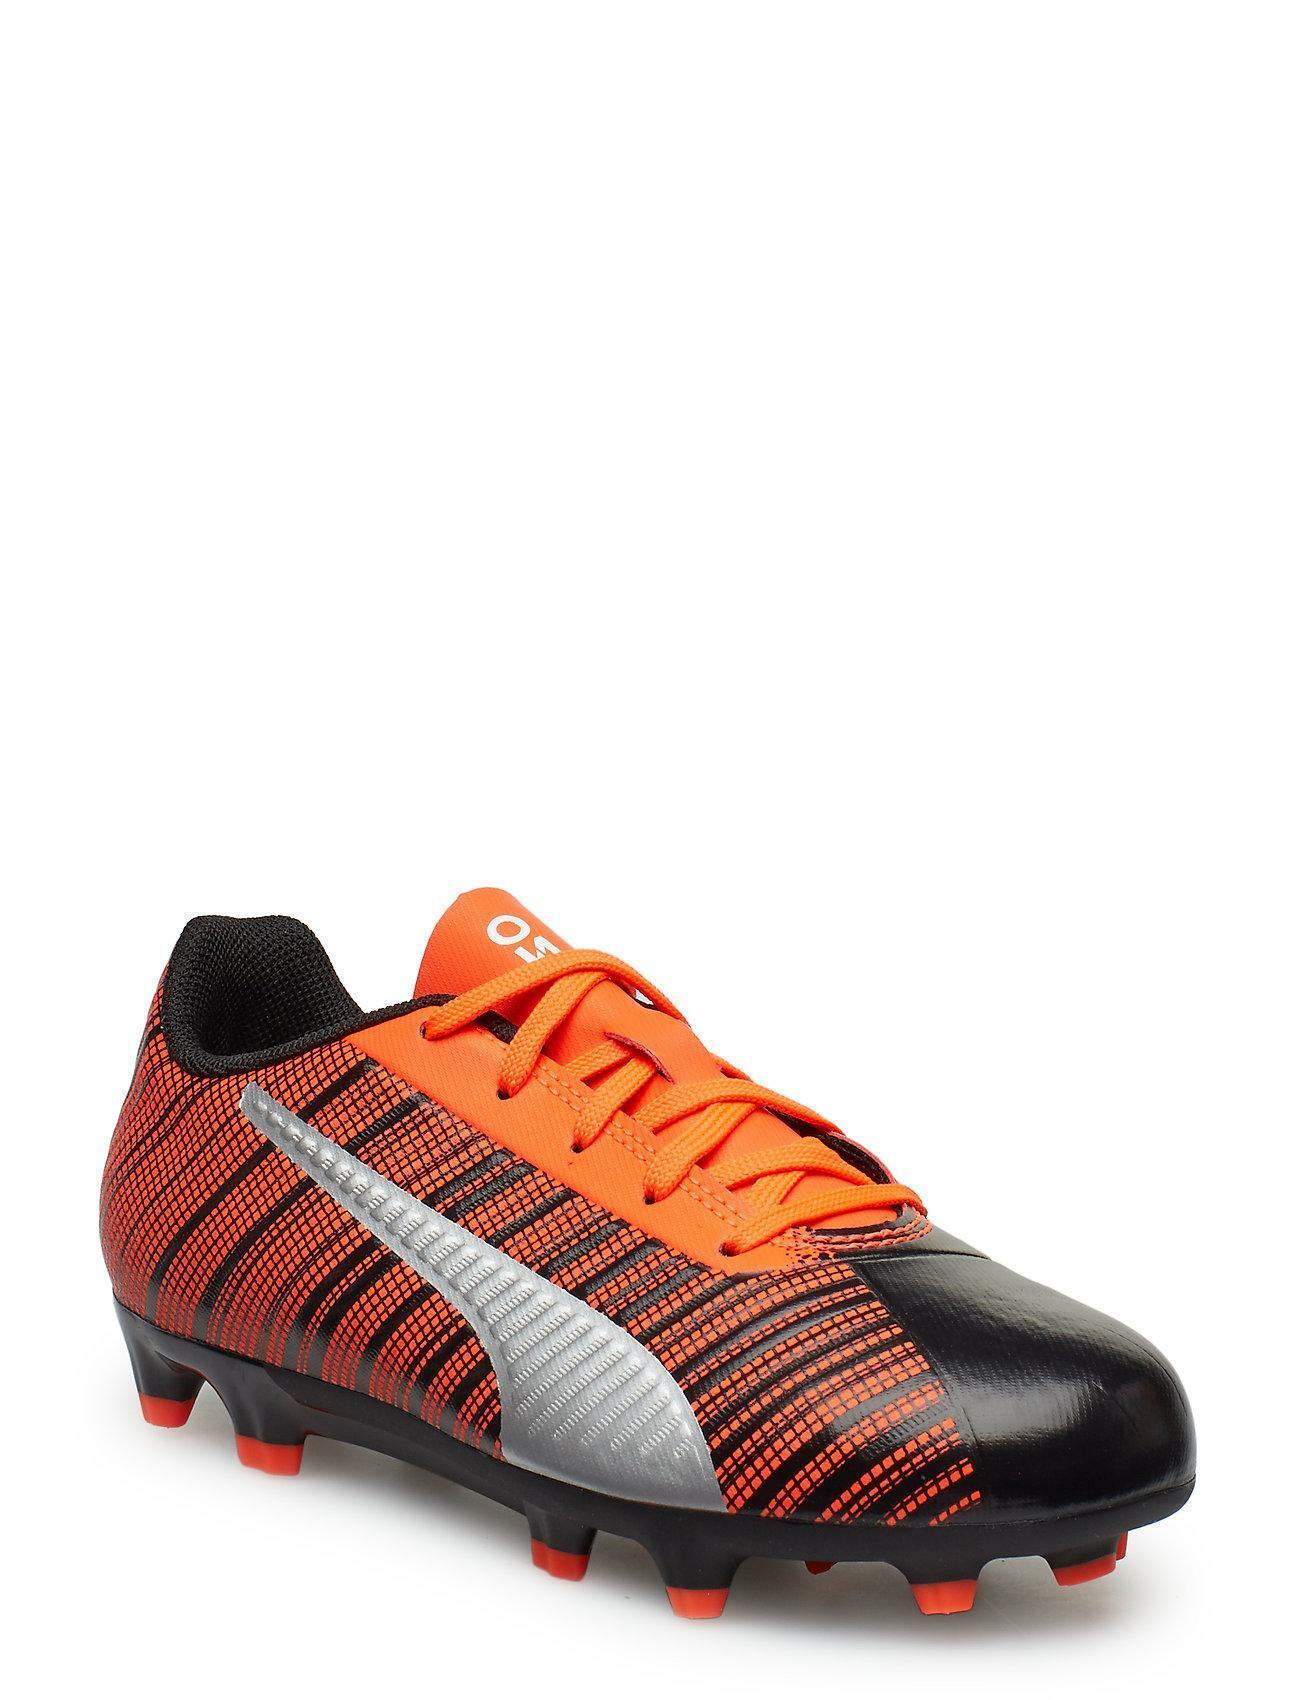 puma puma one 5.4 fg/ag scarpe calcio  105605 001 arancio